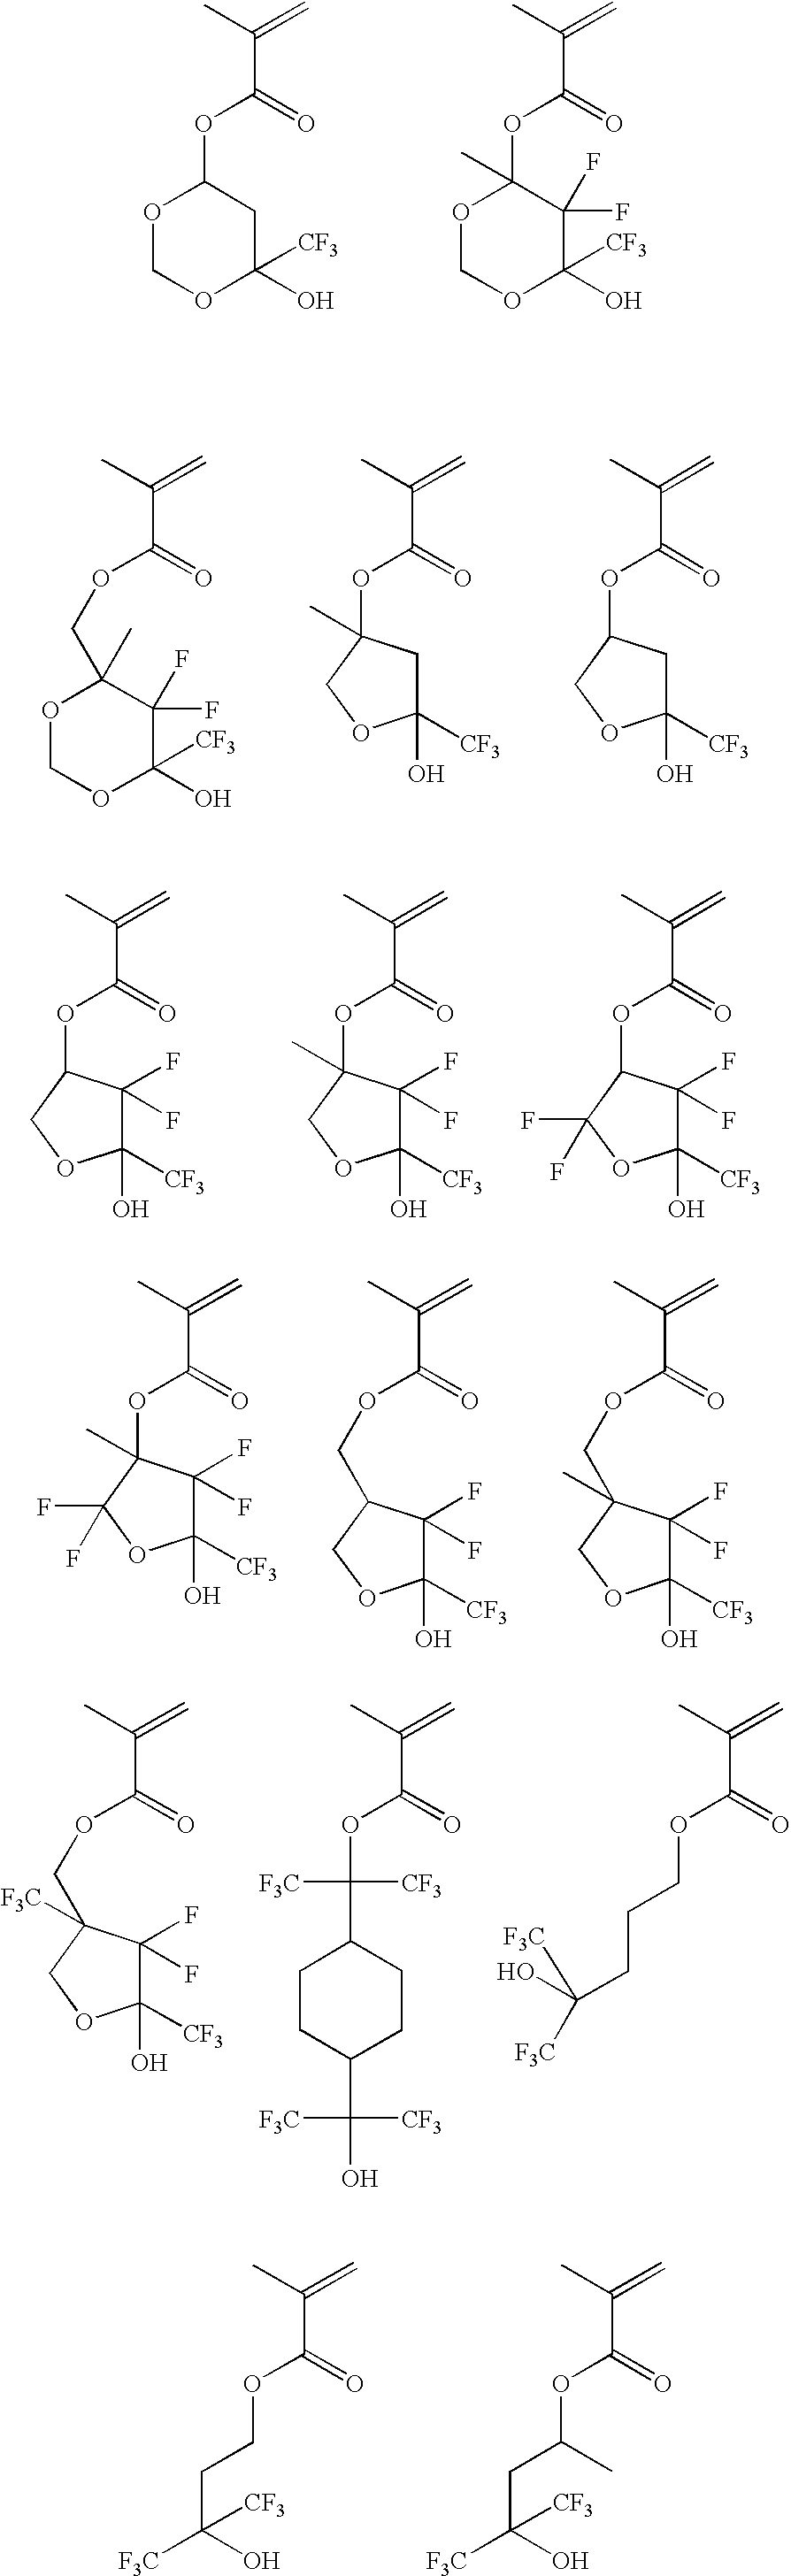 Figure US20100178617A1-20100715-C00042